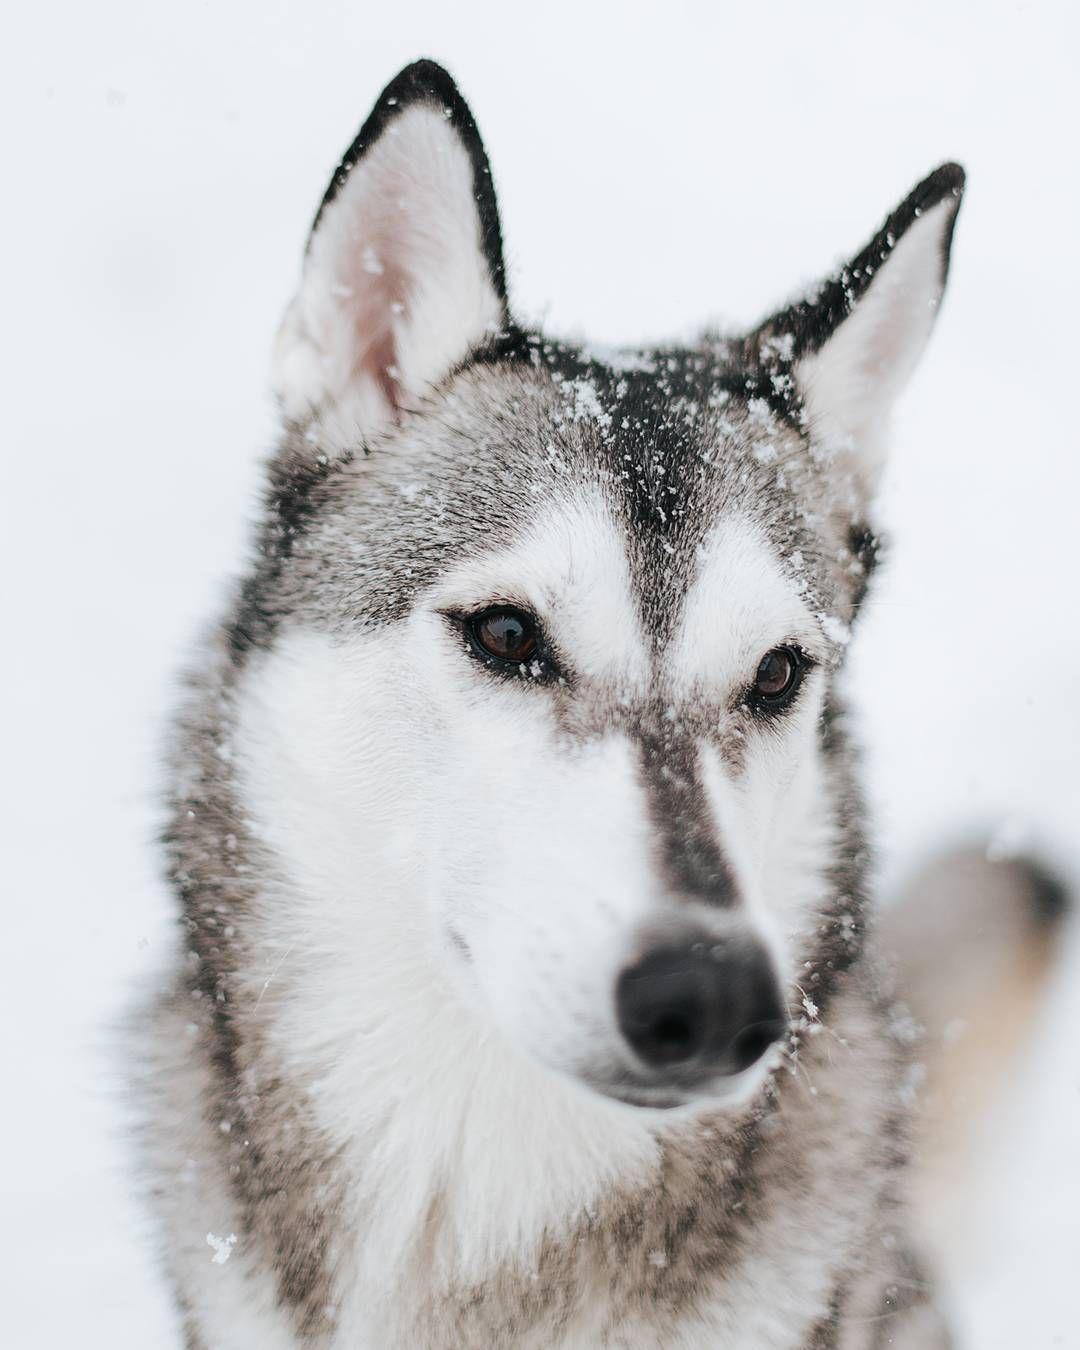 Happy Pup Tamaskan Dogsofinstagram Insta Dogs Instadog